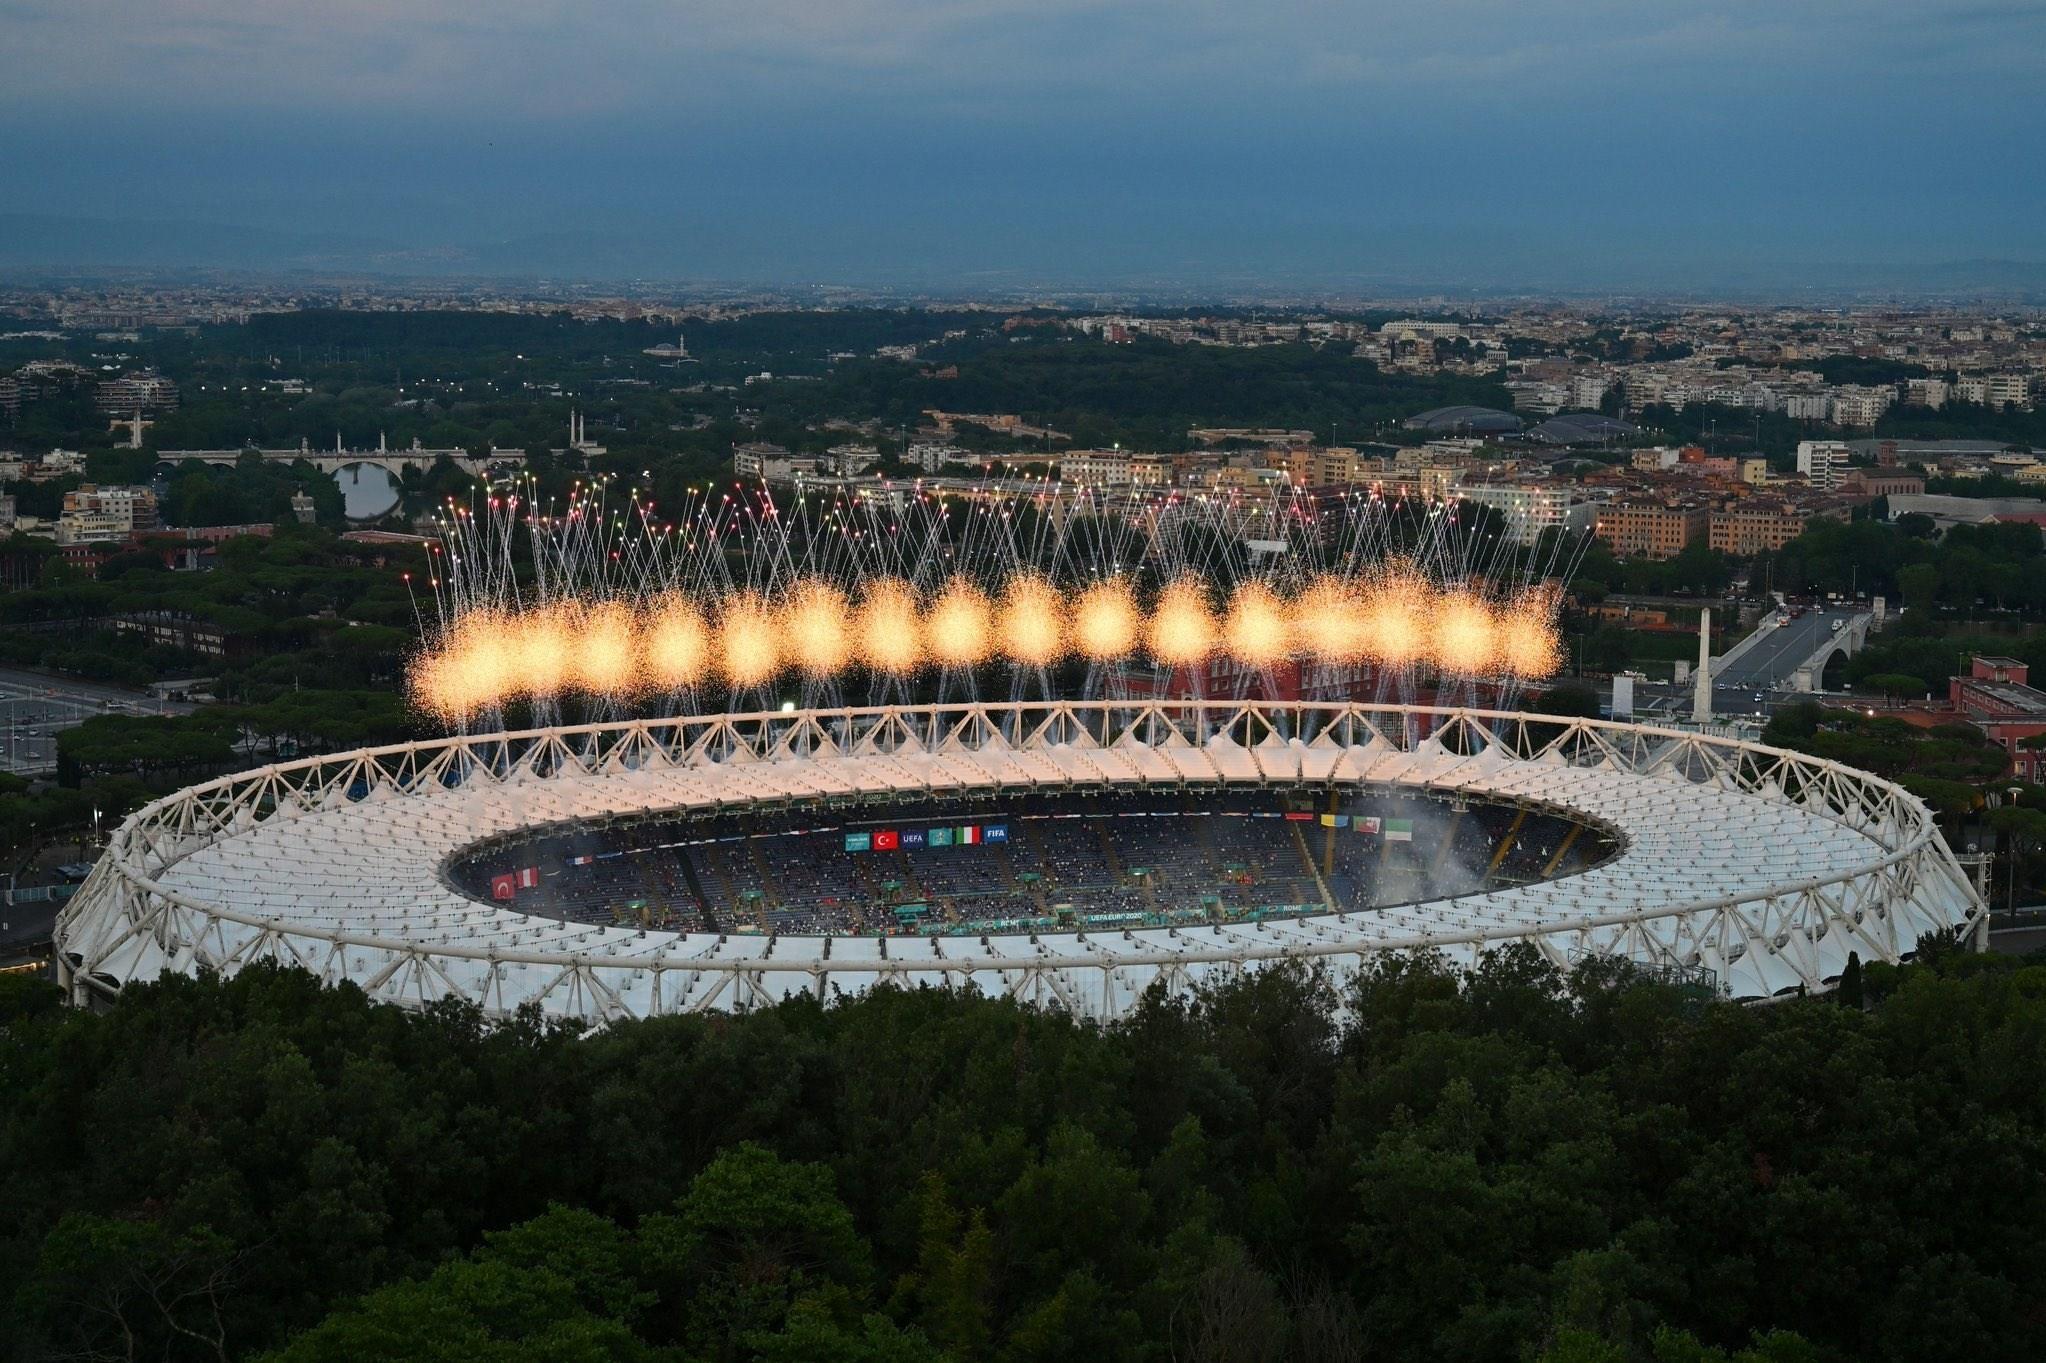 14000321232841506229554710 - مراسم افتتاحیه یورو 2020 مختصر و مفید برگزار شد + عکس